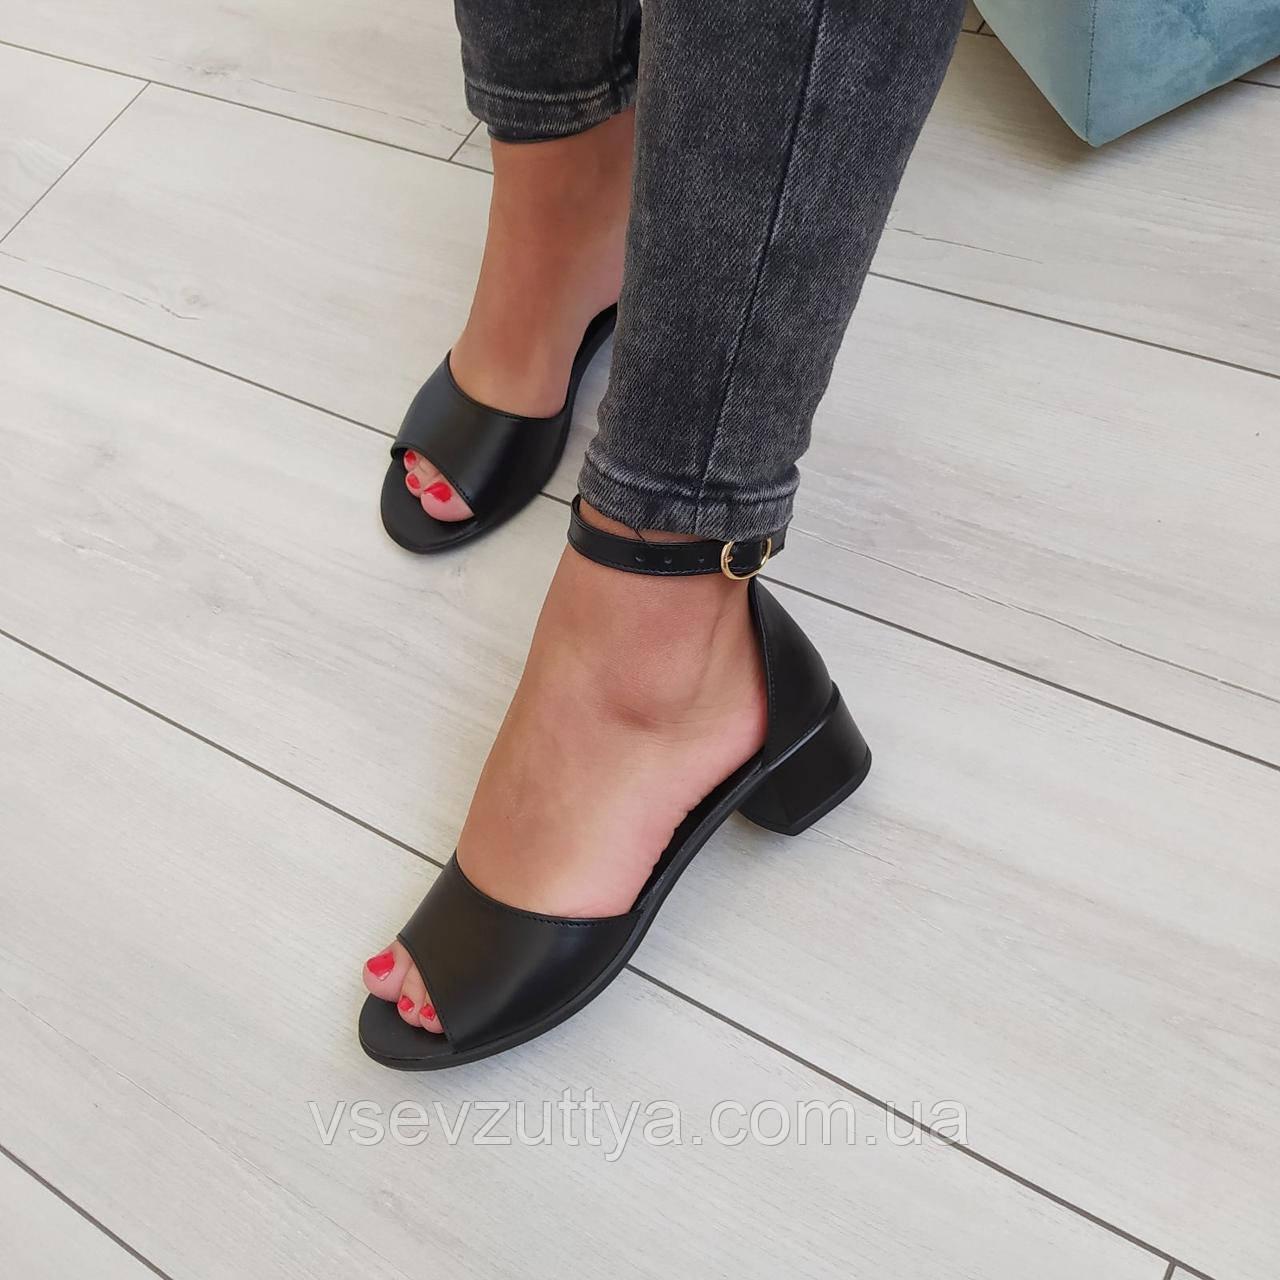 Босоножки кожаные женские черные на низком каблуке